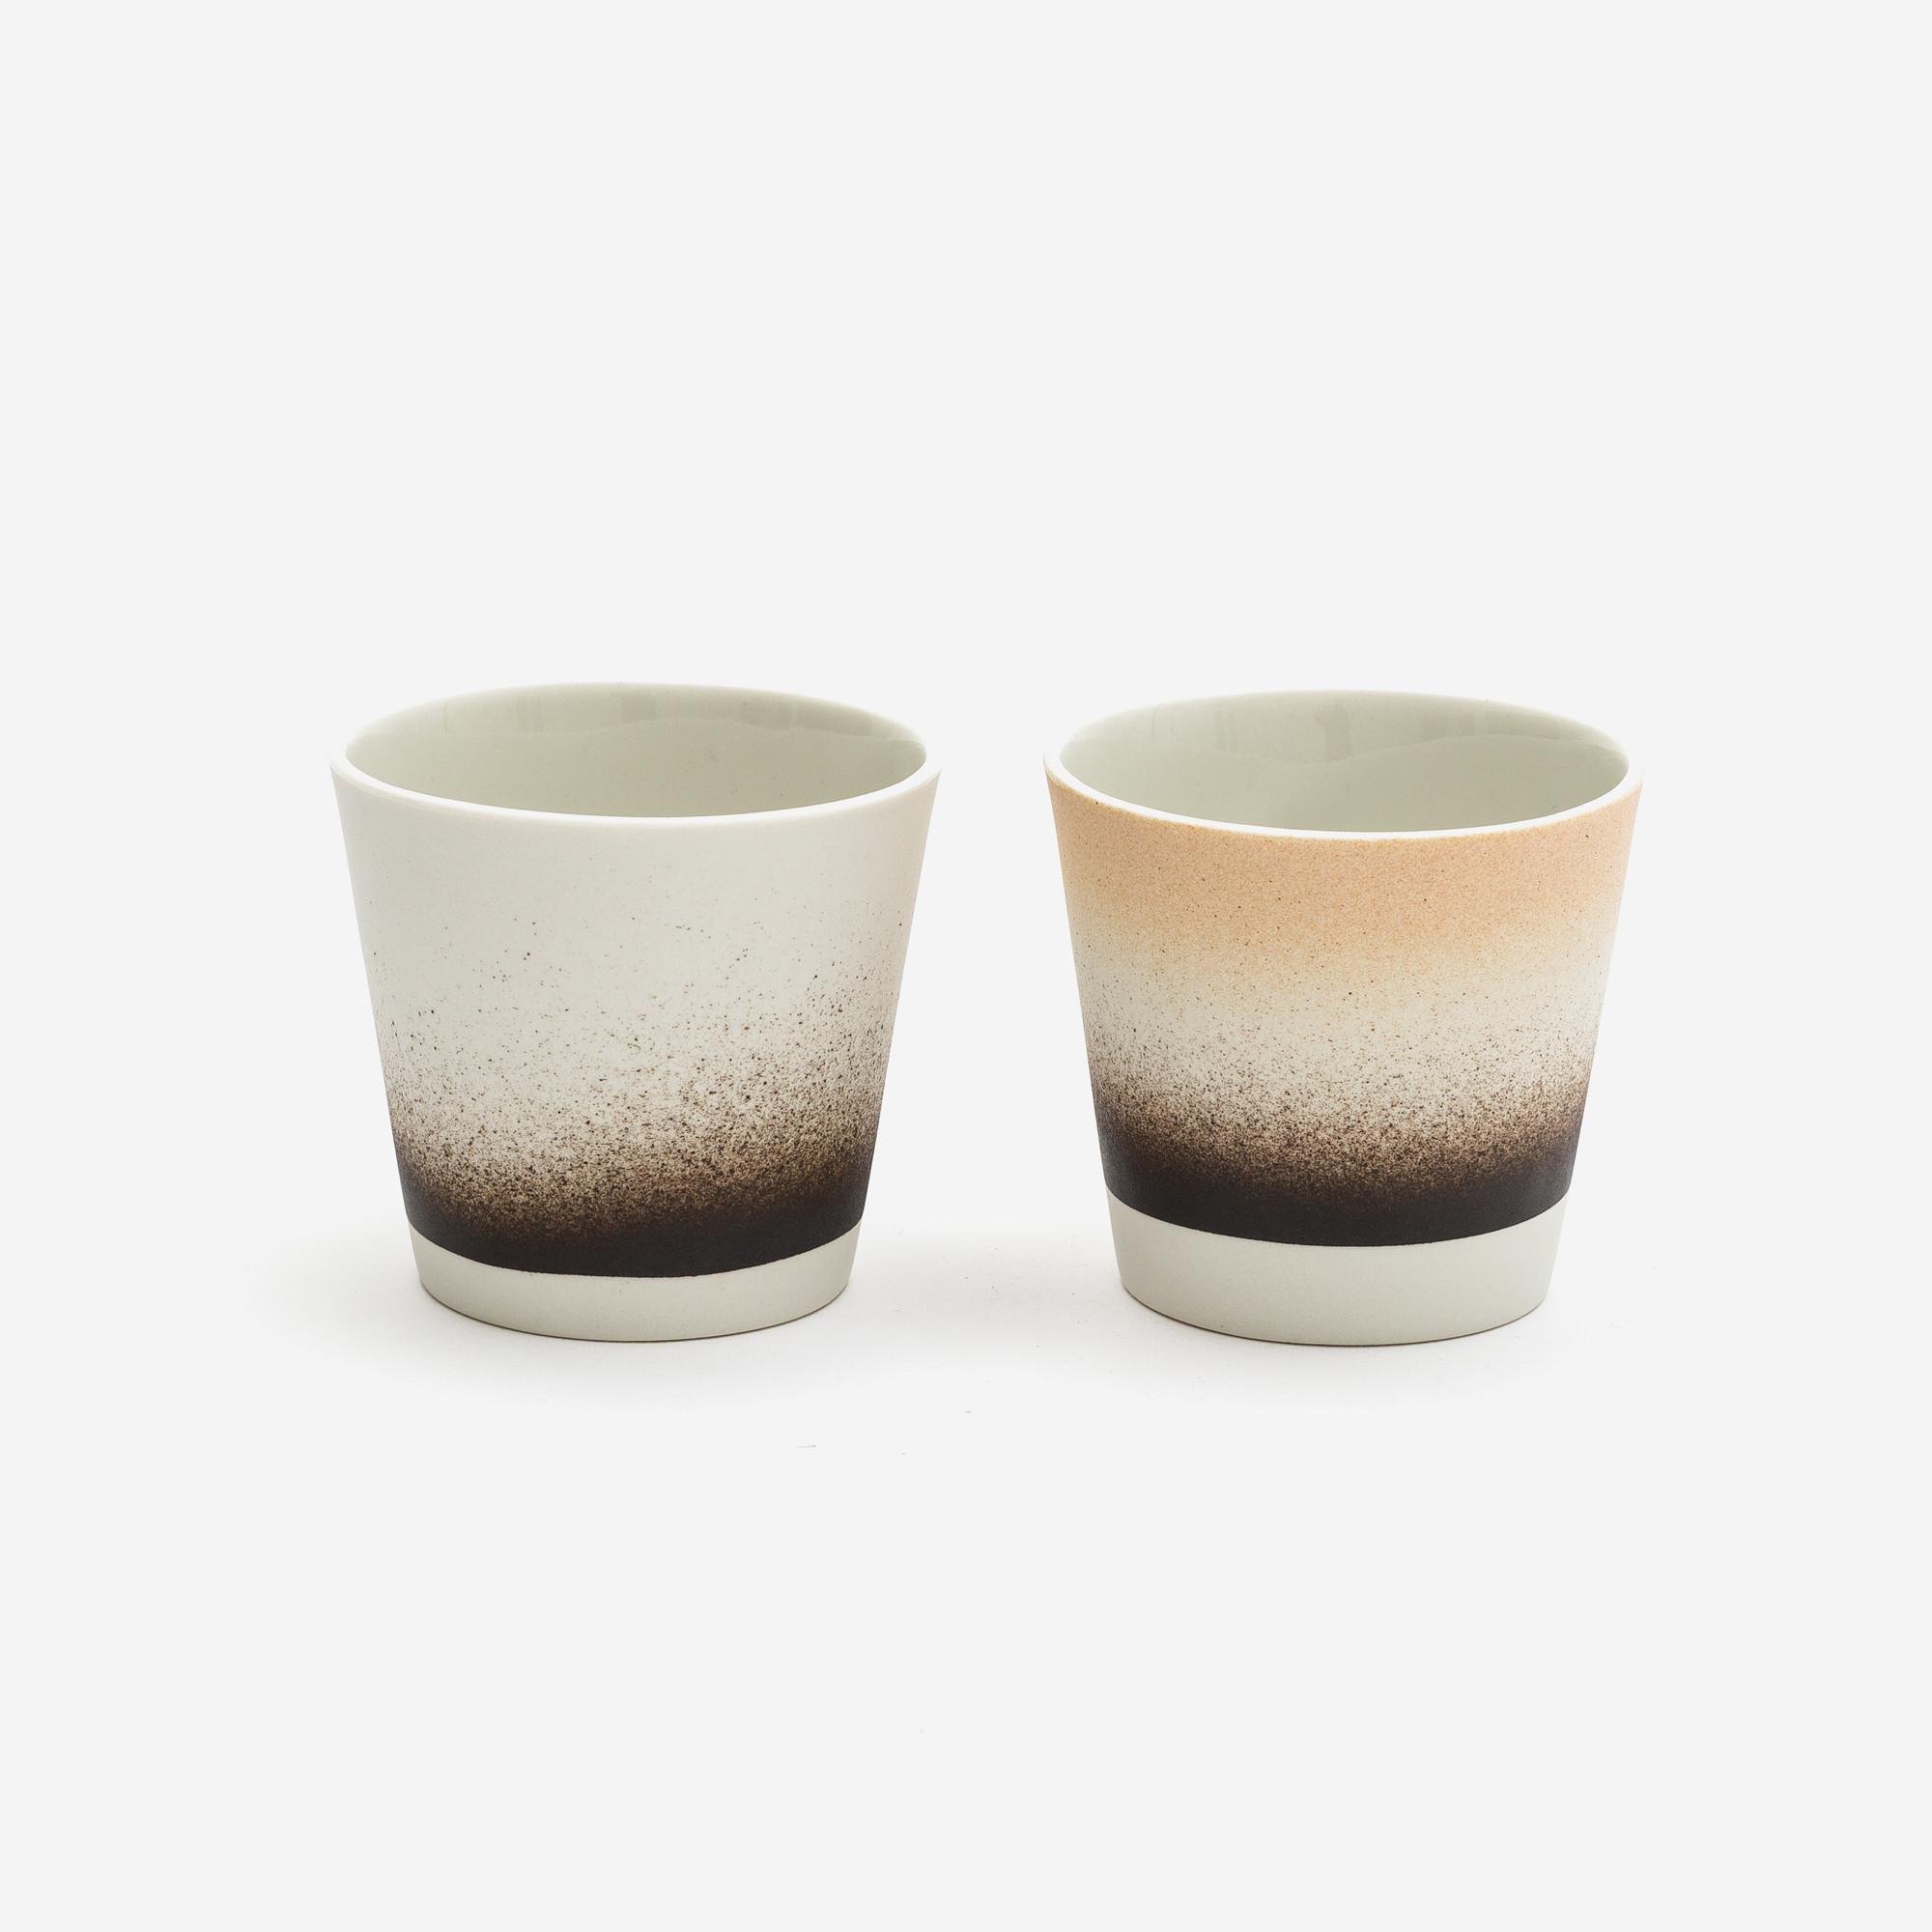 Kirstie Van Noort | Gradient Tea Mugs | BON Ceramics